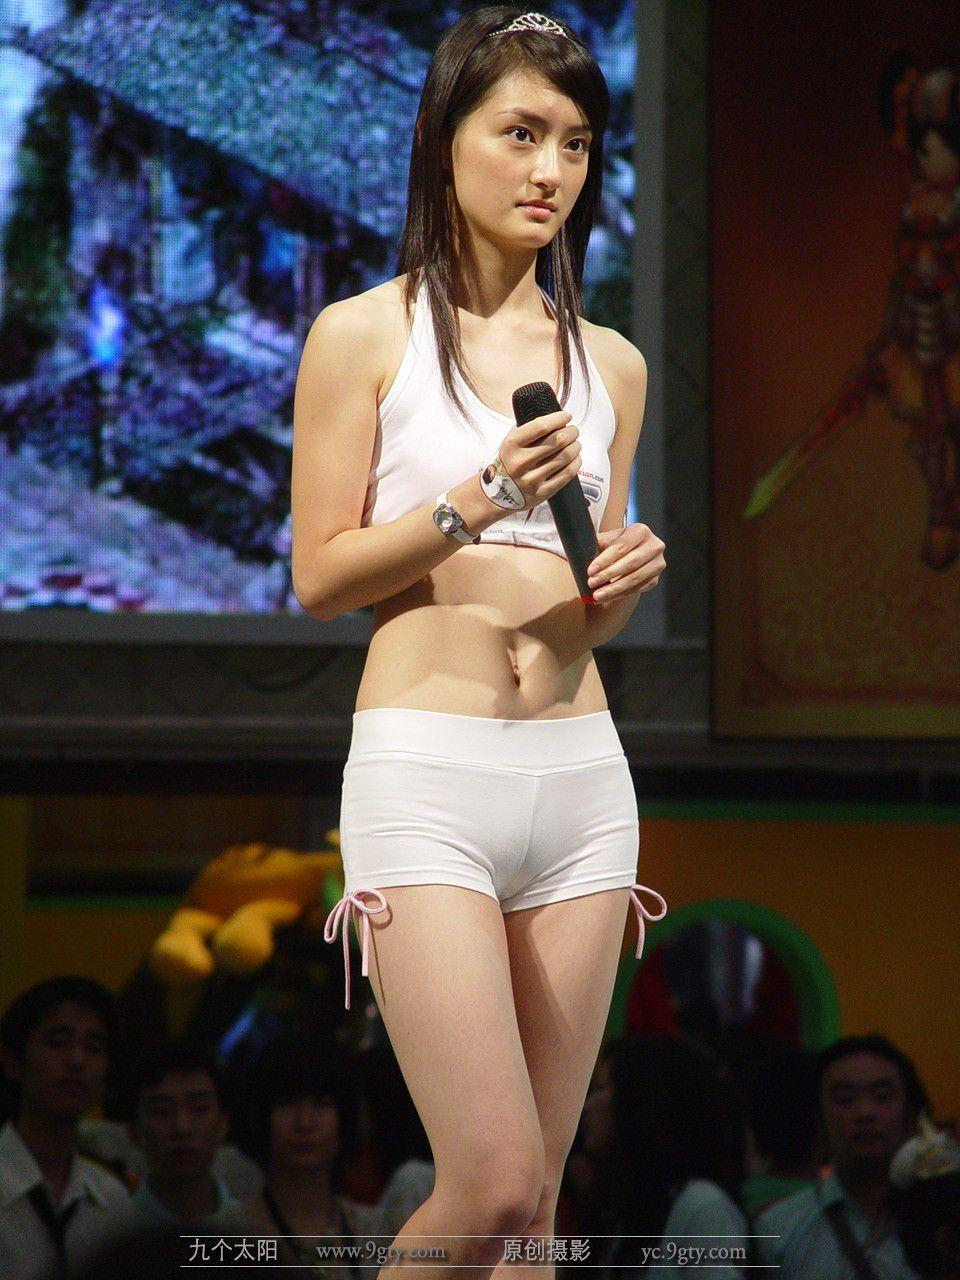 【キャンギャルエロ画像】入れ過ぎた気合が股間に…中国キャンギャルのマンスジwww 12